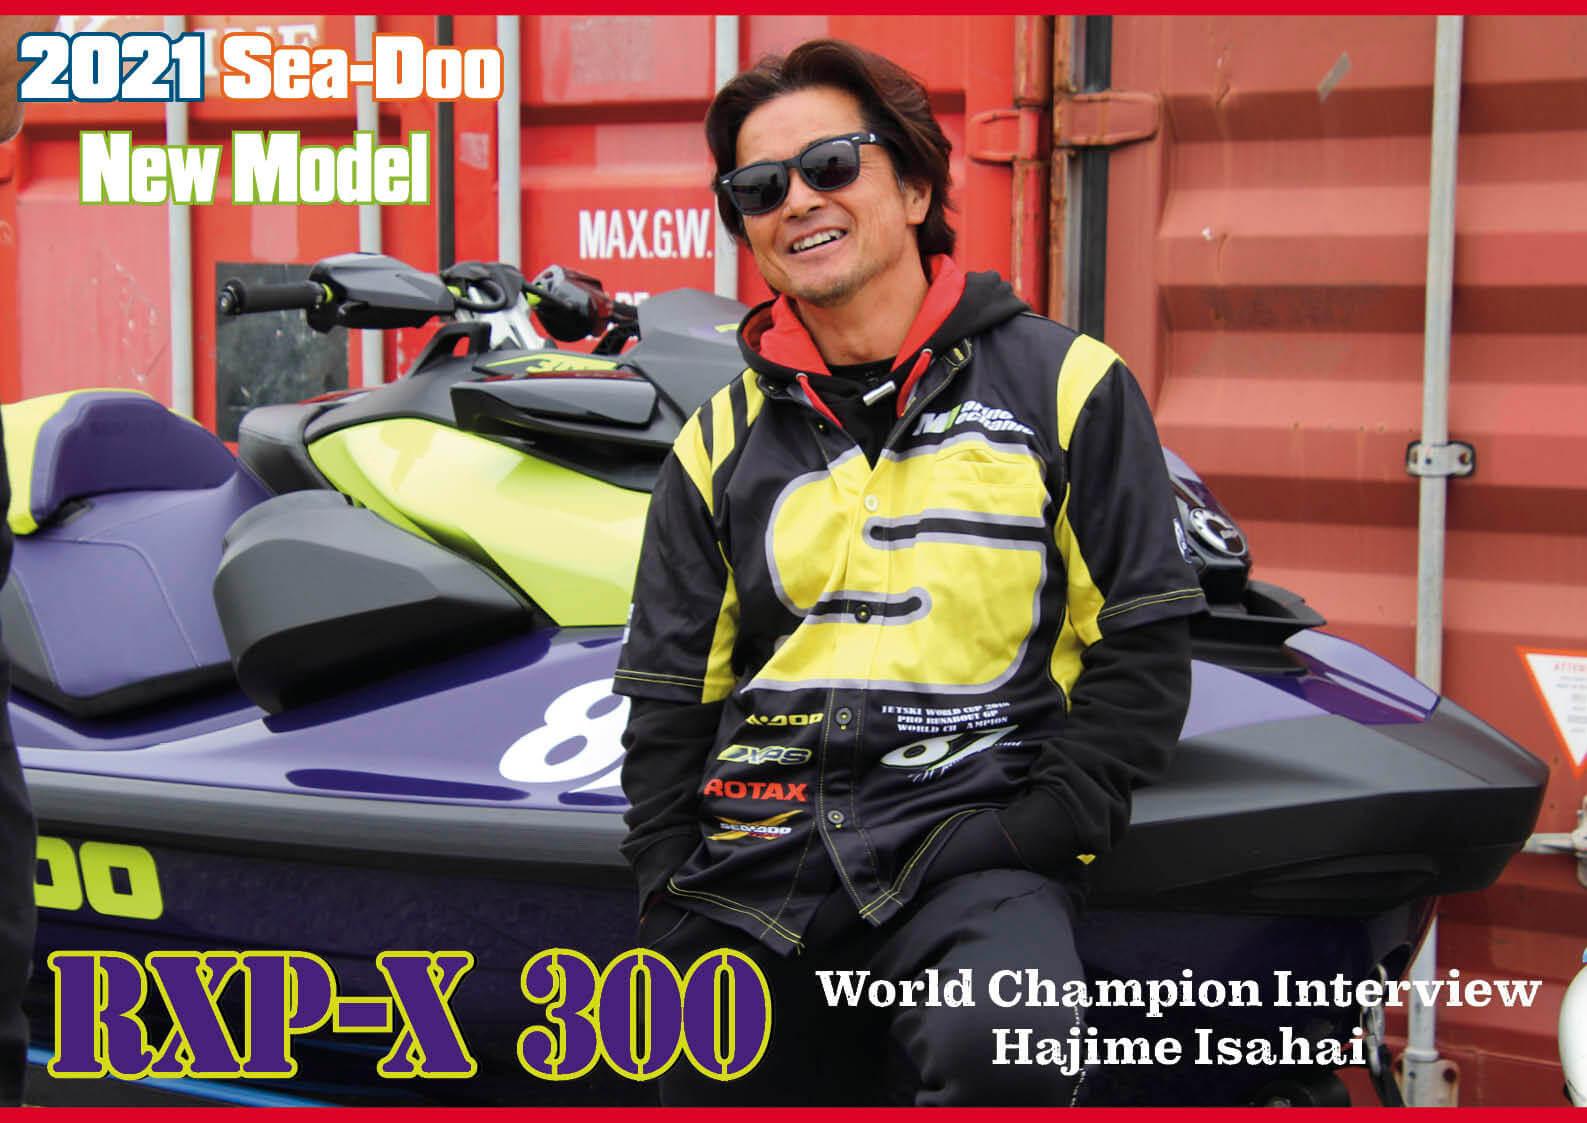 「これ以上はないと思う!」 世界チャンピオンが本気で語る「シードゥ RXP-X 300」 砂盃 肇プロインタビュー【動画付き】 ジェットスキー(水上バイク)